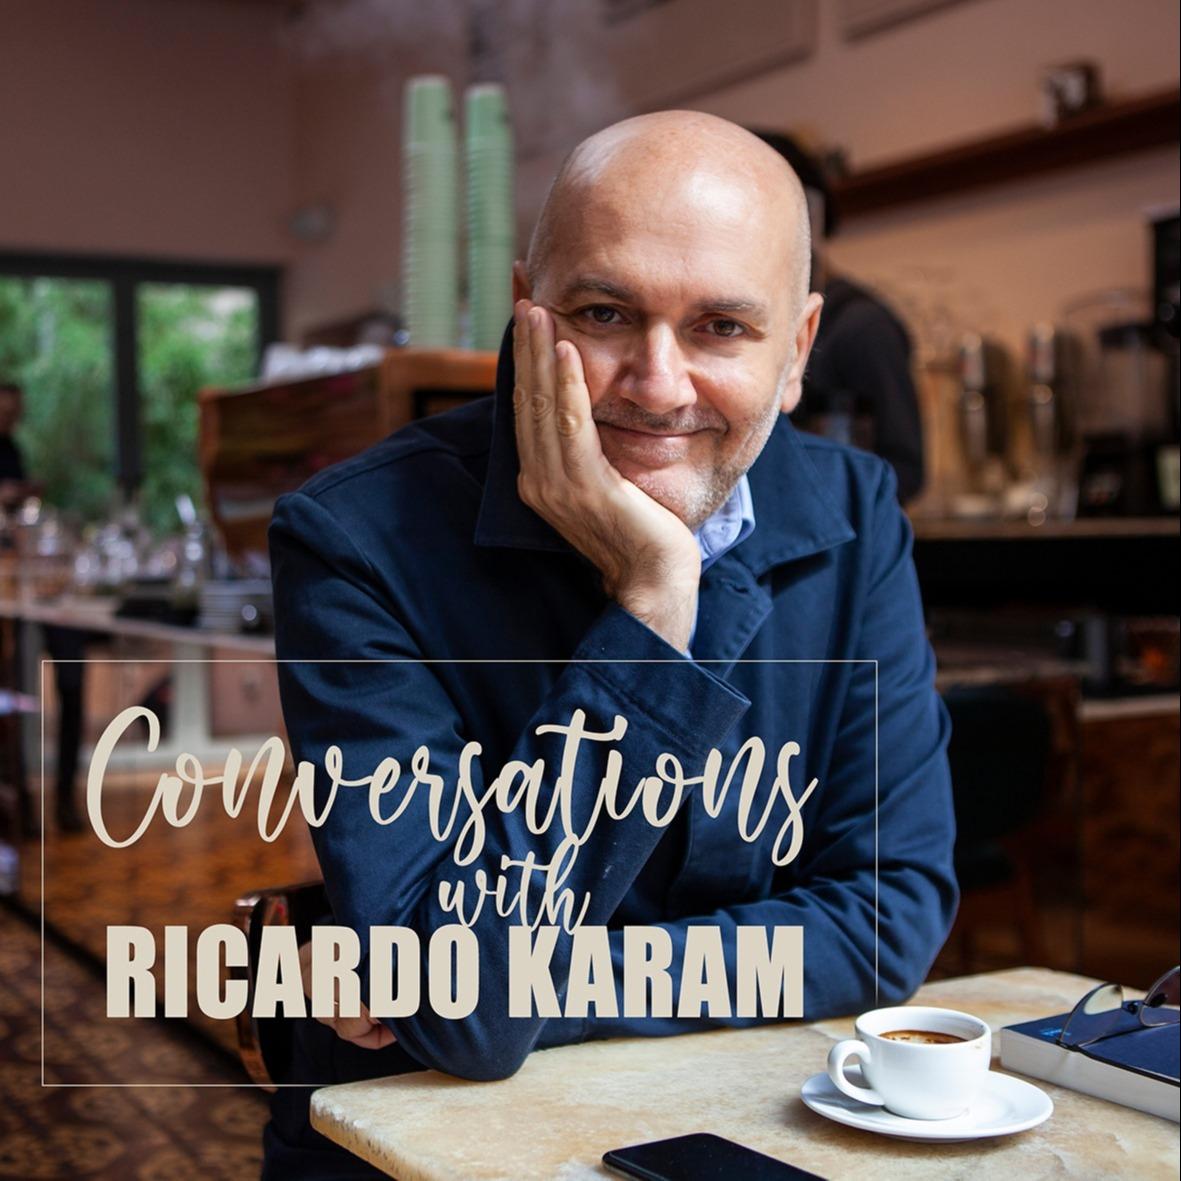 @RicardoKaram Profile Image | Linktree